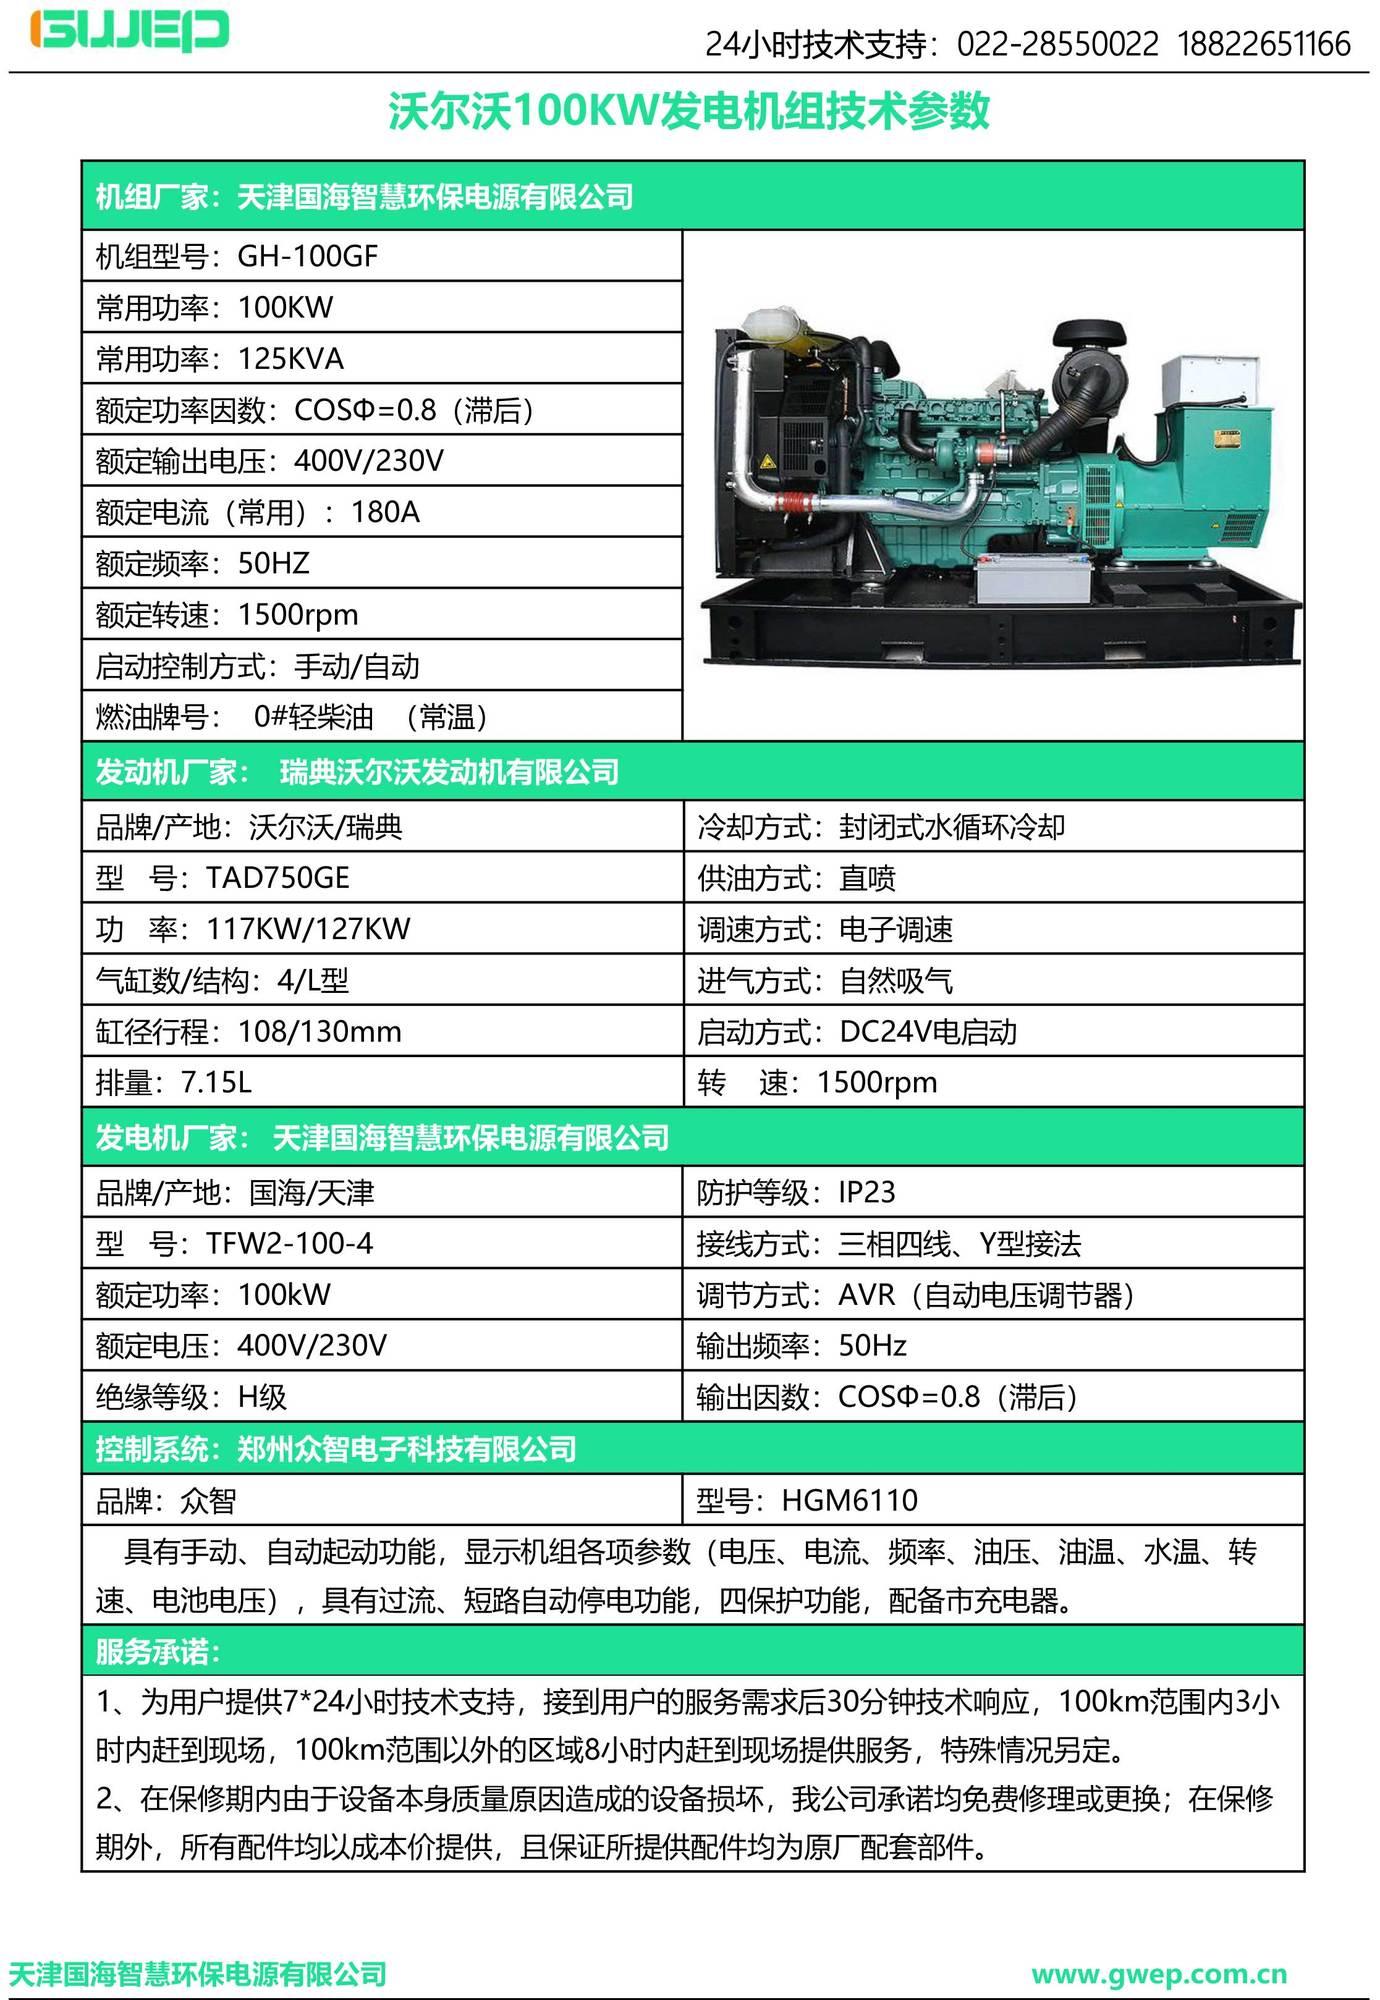 沃尔沃100KW发电机组技术资料-2.jpg